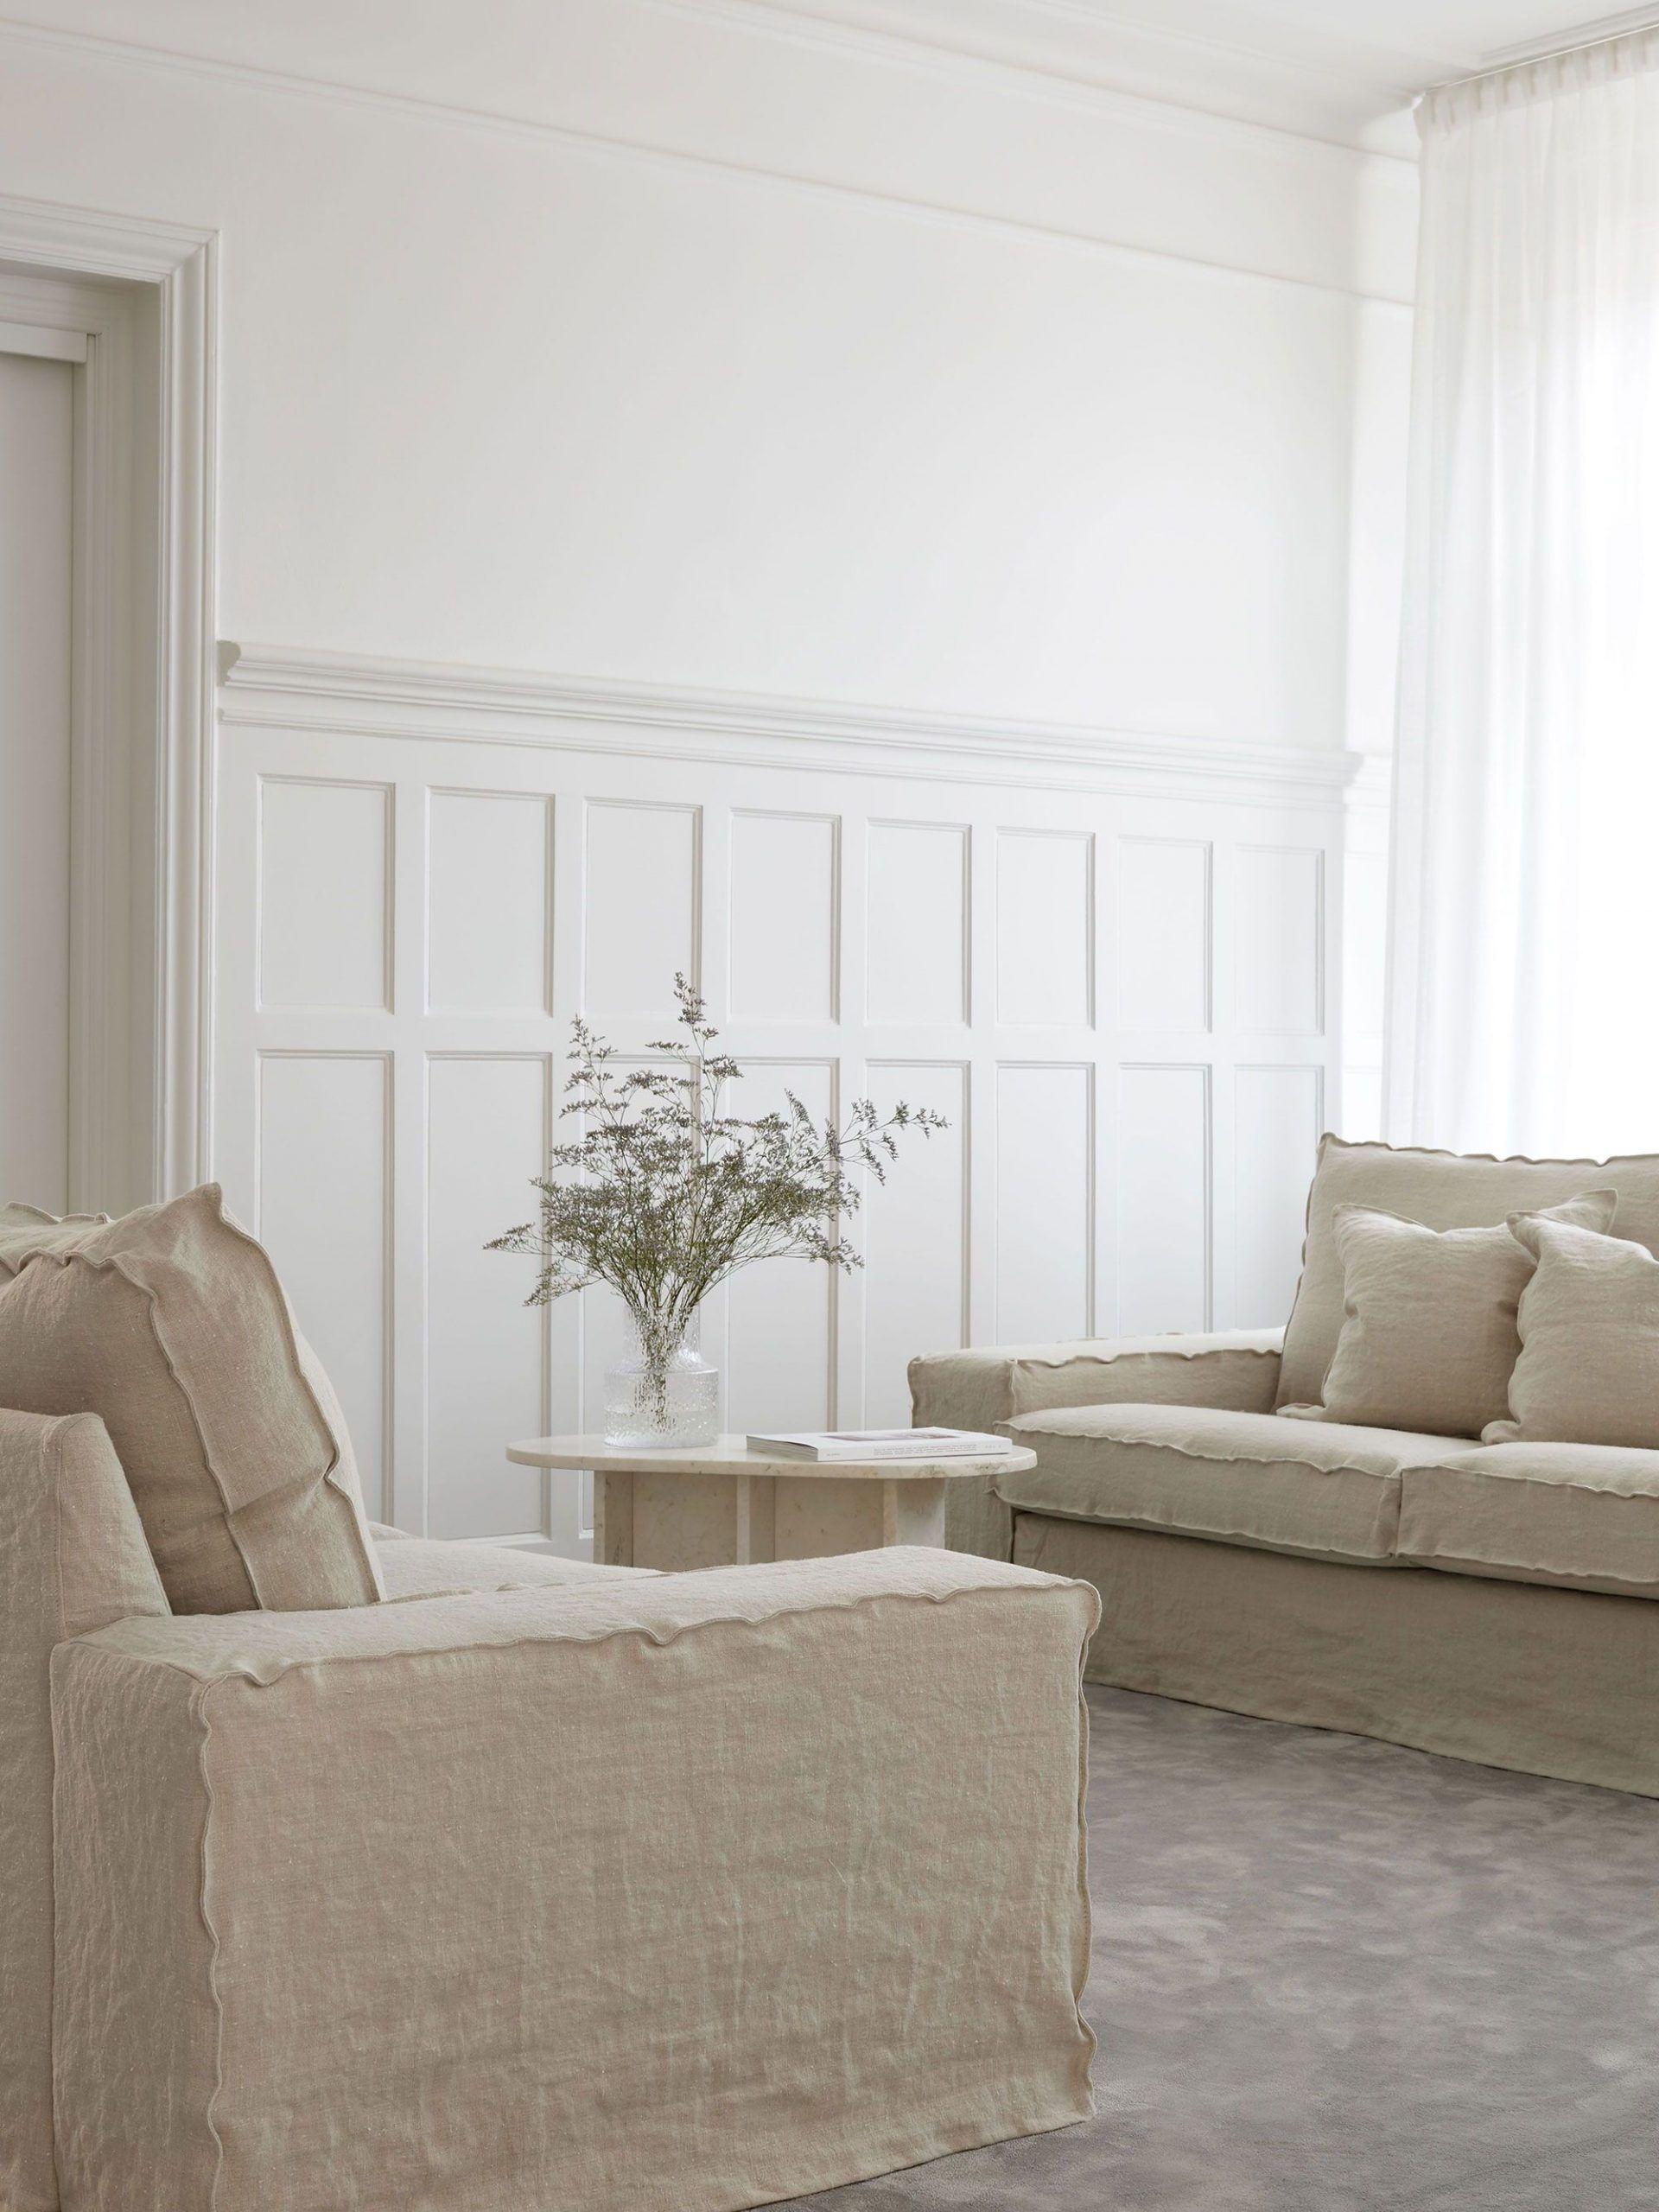 Kivik 3 Seater Sofa Cover Loose Fit In 2020 Ikea Kivik Kivik Sofa Linen Sofa